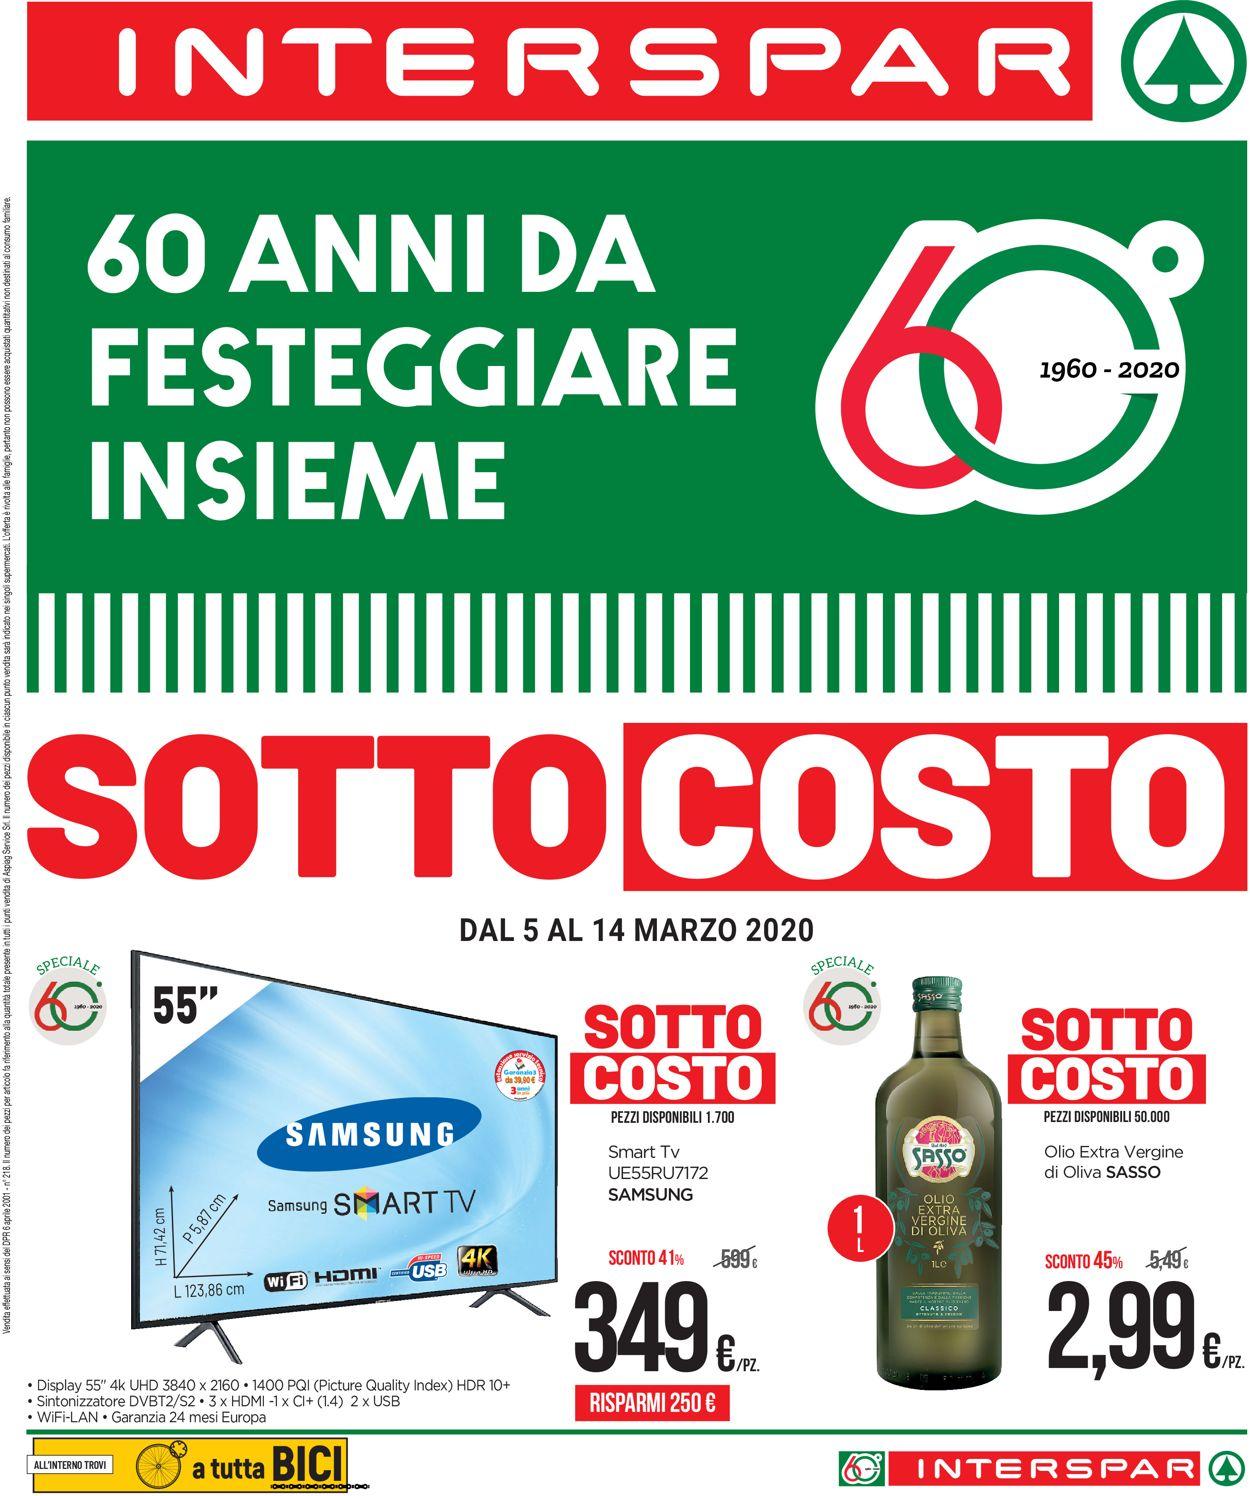 Volantino Despar - Offerte 05/03-14/03/2020